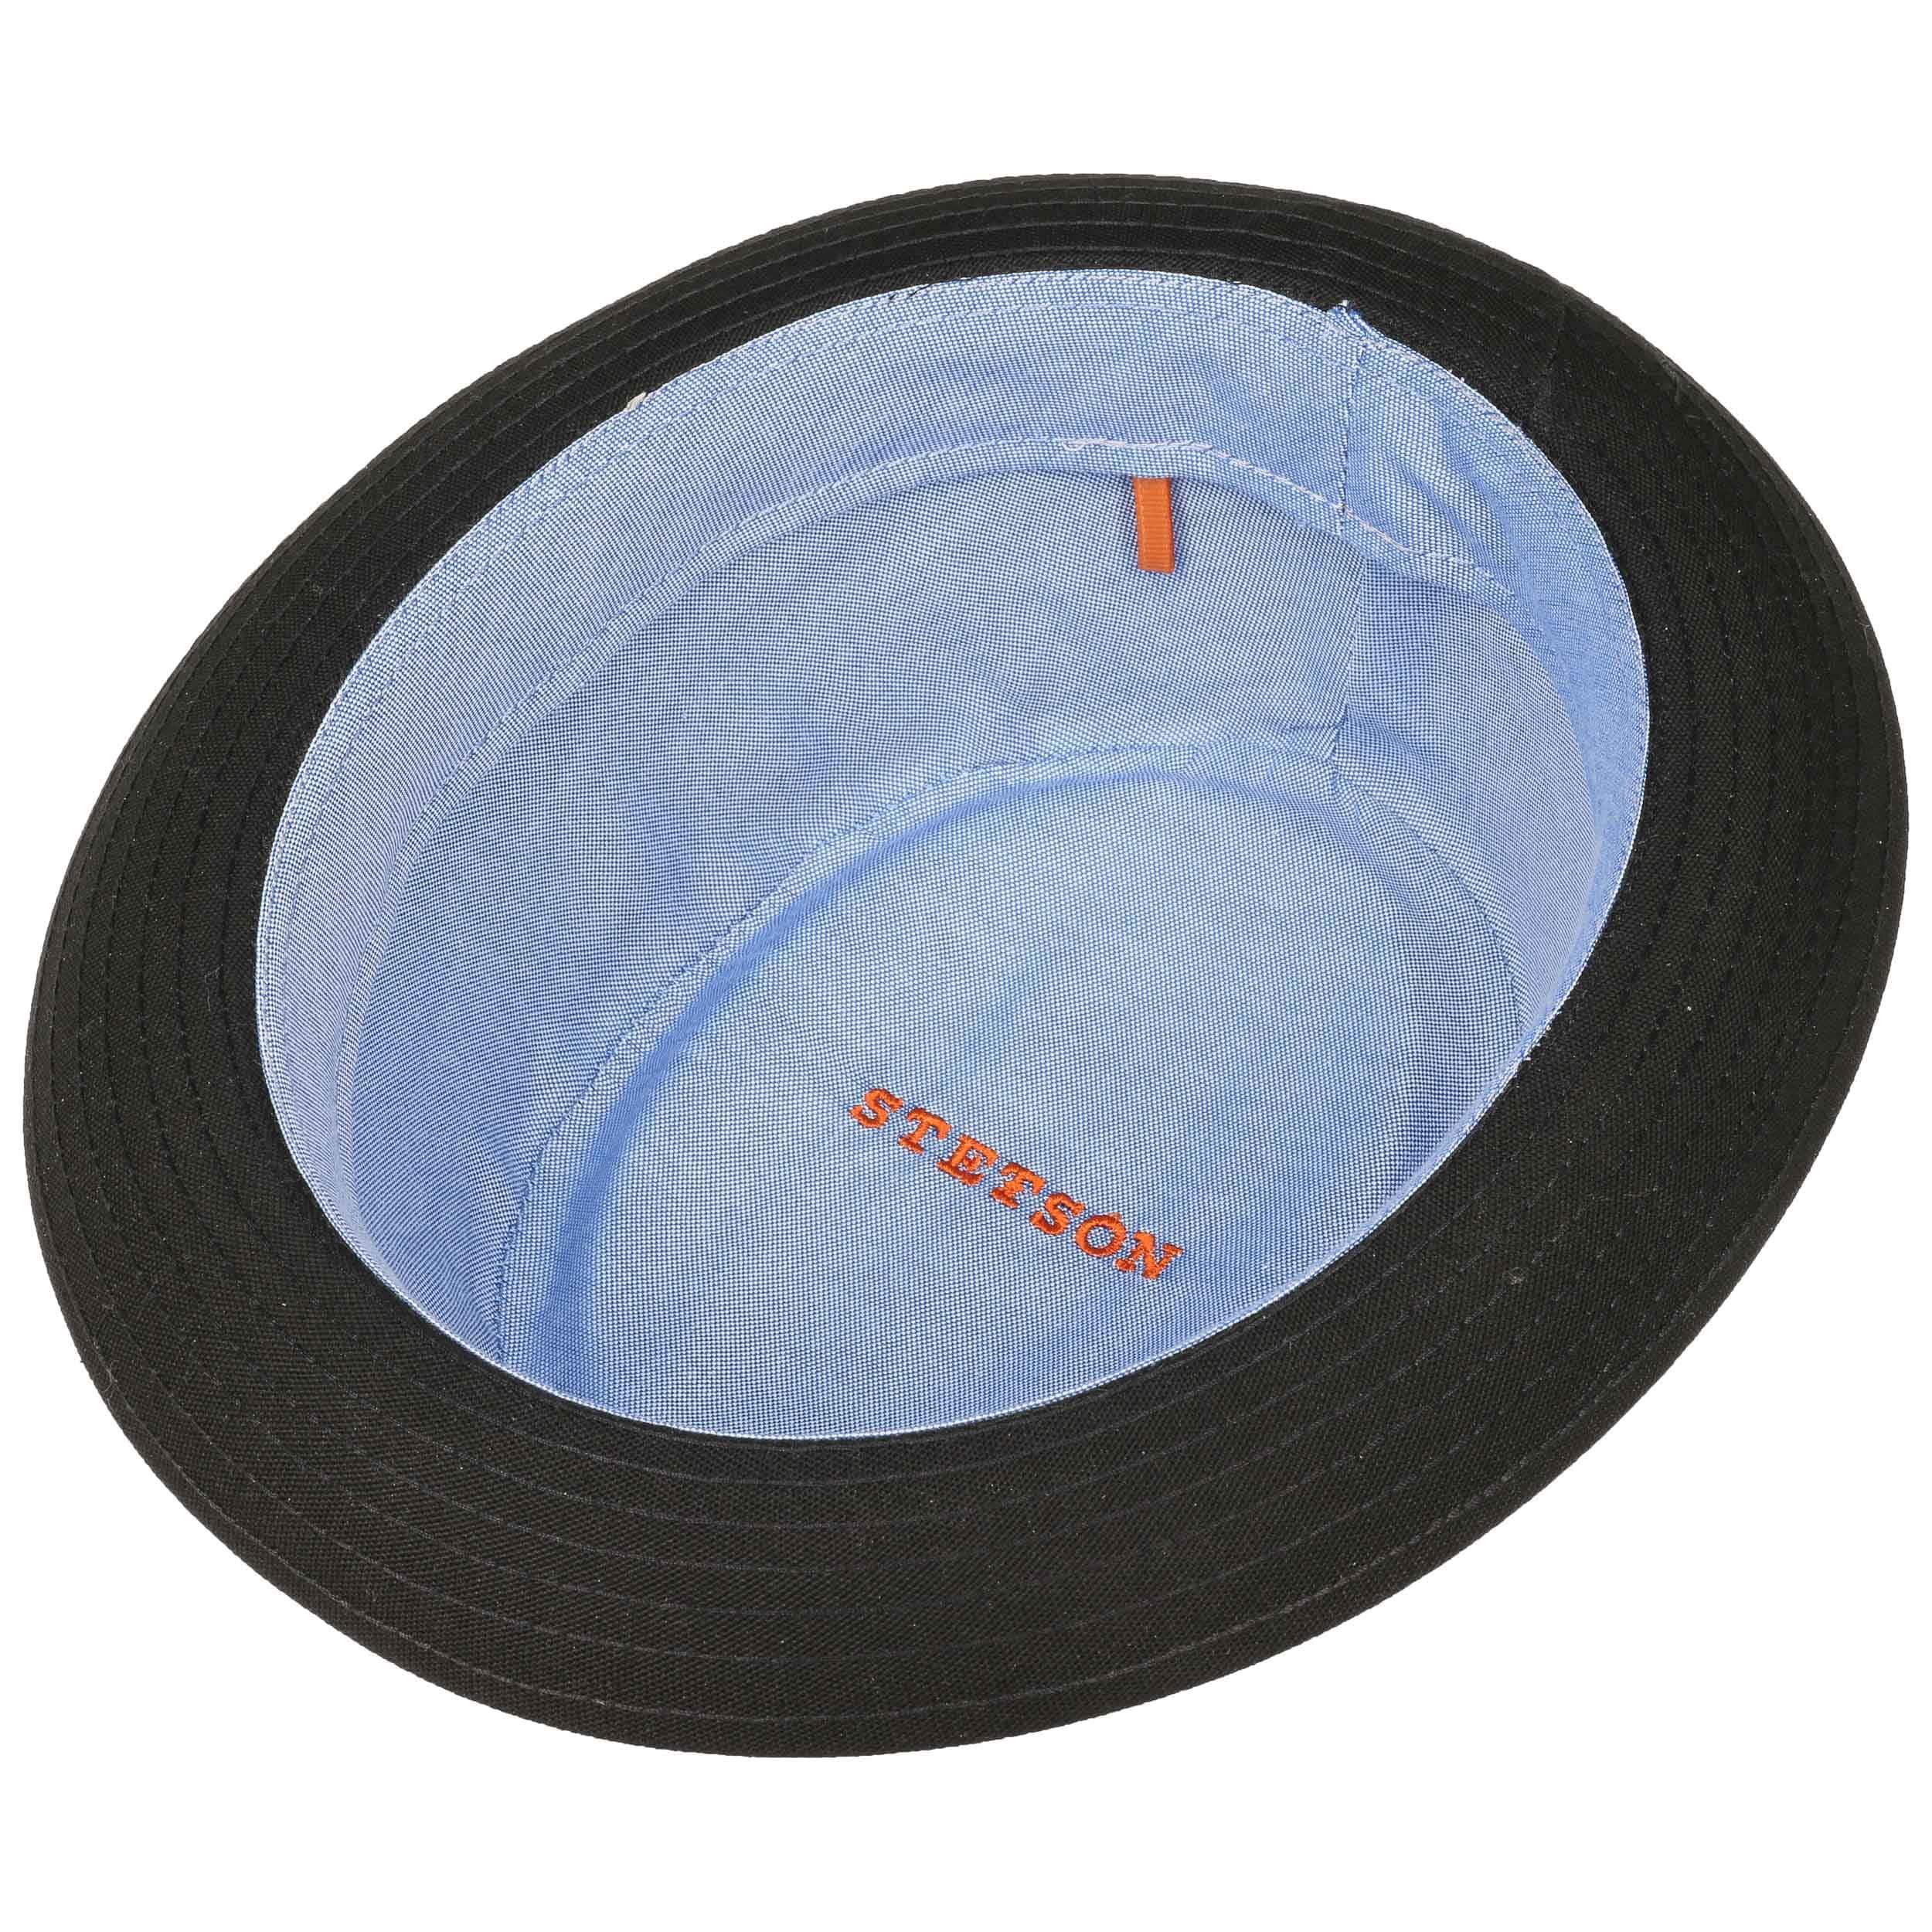 47e871796ac Athens Cotton Pork Pie Hat By Stetson Gbp 69 00 Hats Caps